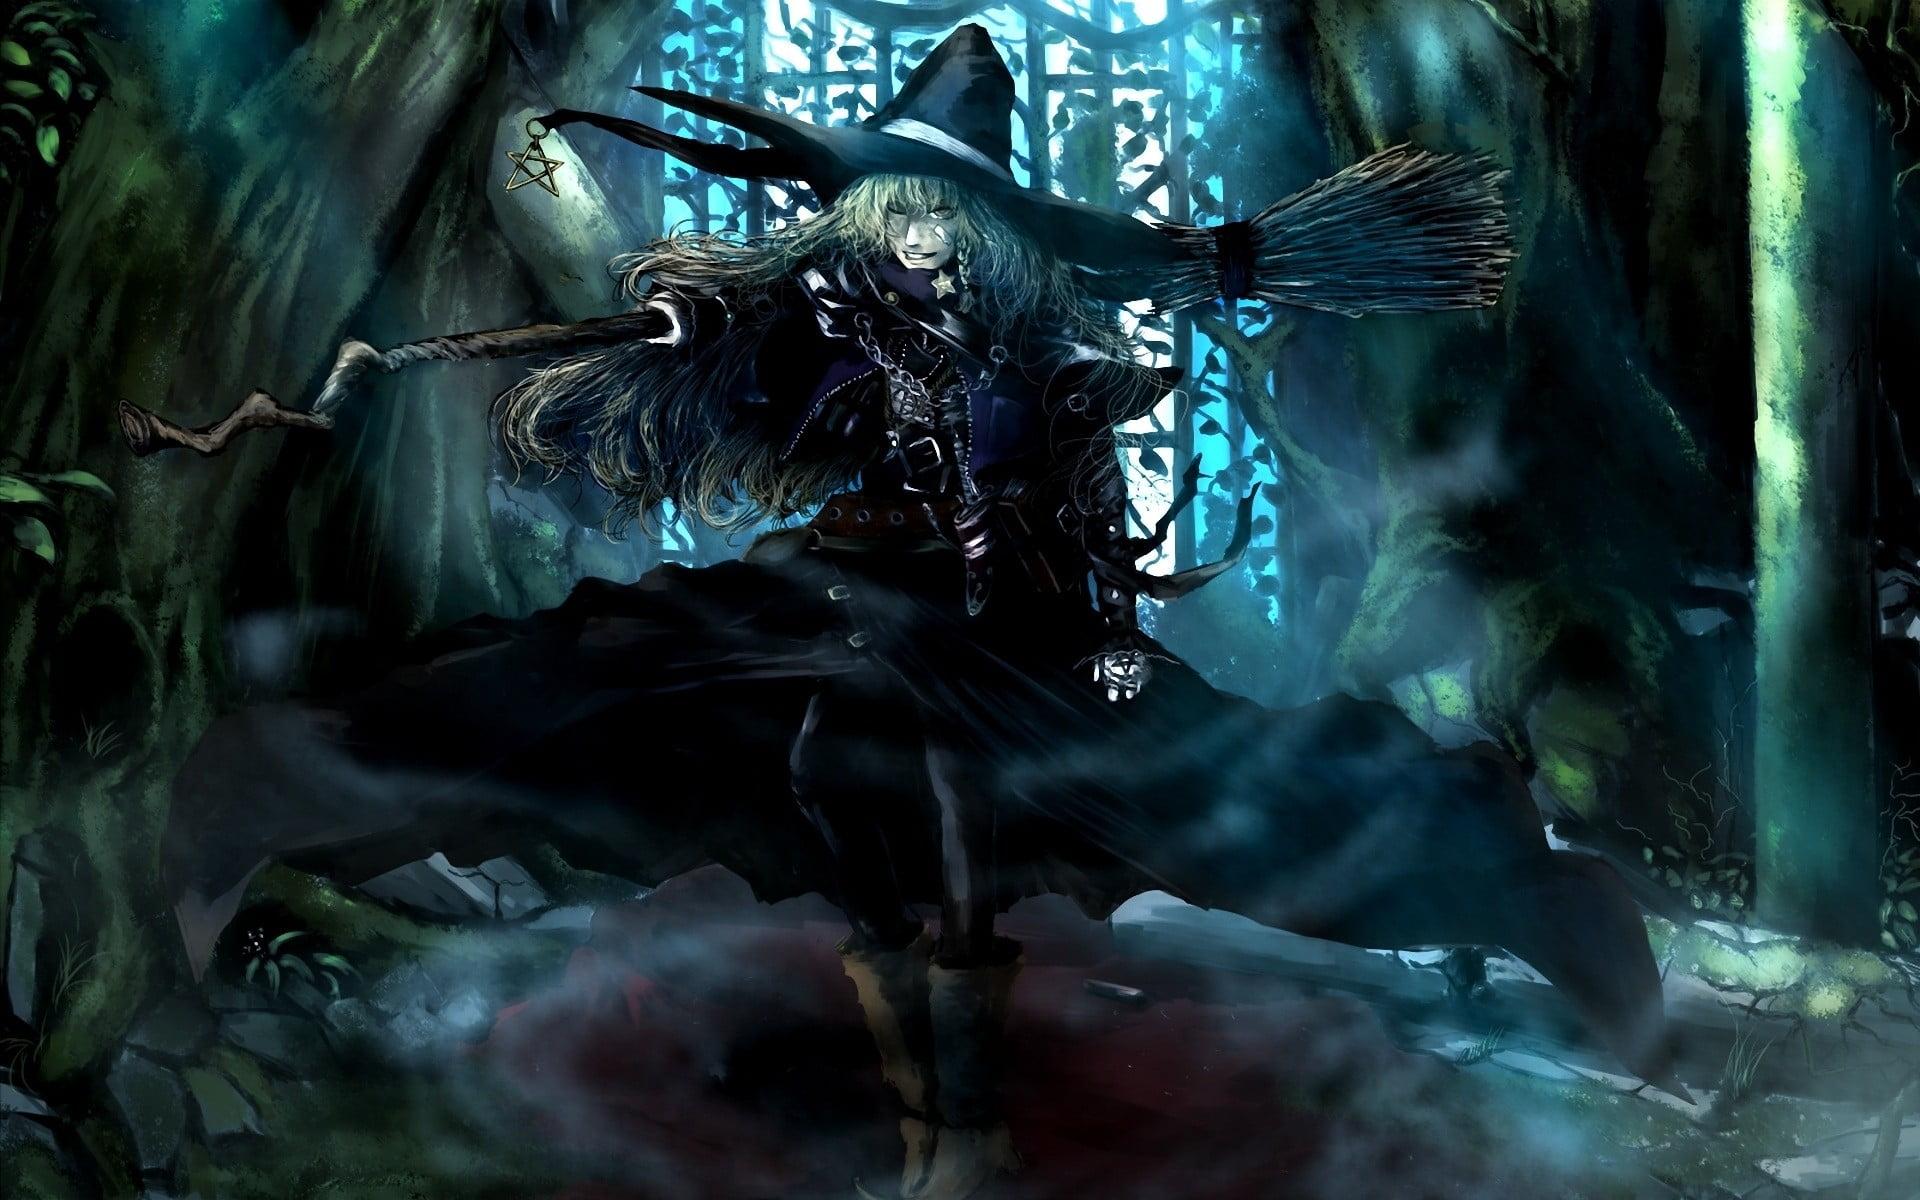 Female witch illustration Touhou Kirisame Marisa HD wallpaper 1920x1200